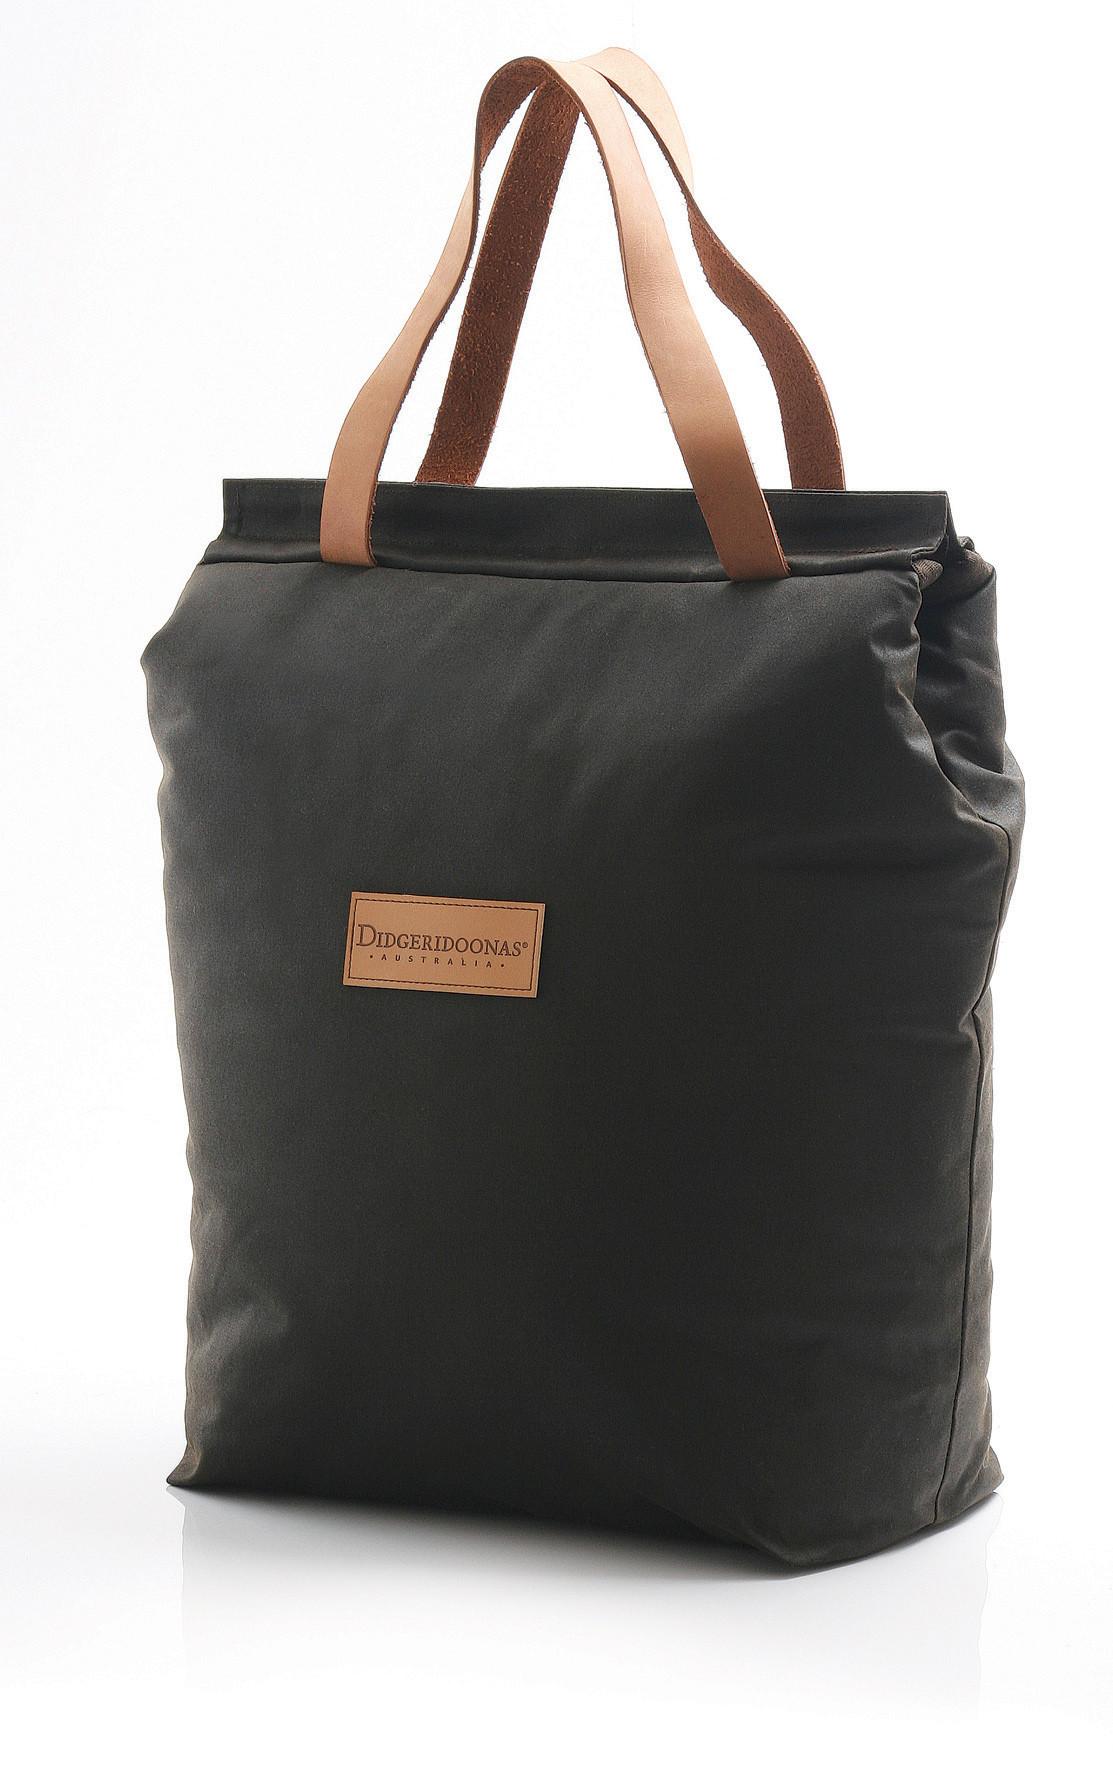 Australian Cooler Bag - 6 Bottle